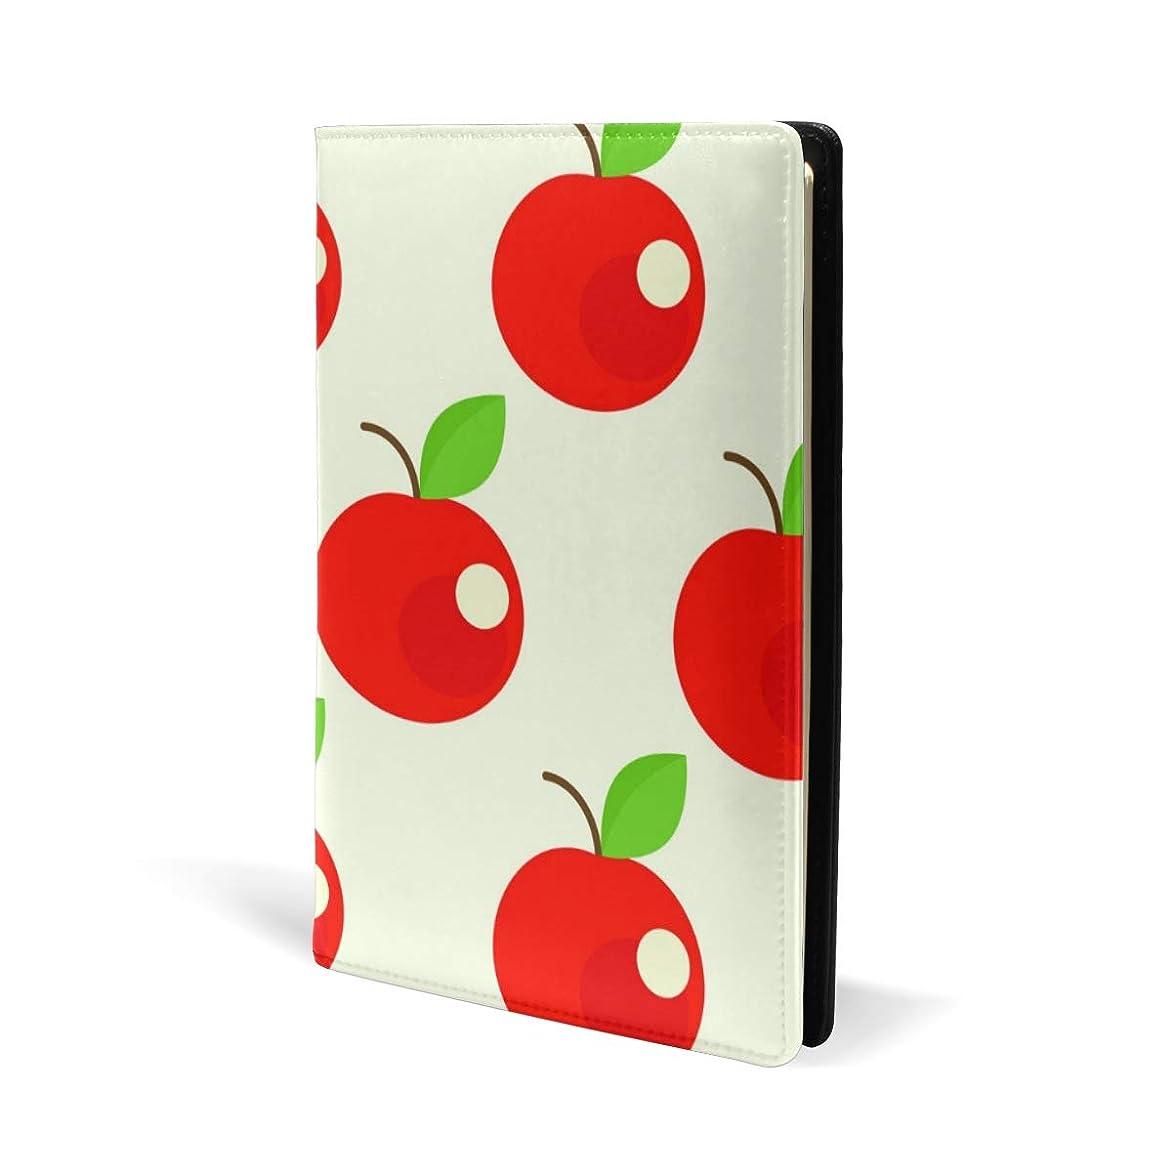 認める思春期注ぎますブックカバー a5 りんご柄 かわいい きれい 文庫 PUレザー ファイル オフィス用品 読書 文庫判 資料 日記 収納入れ 高級感 耐久性 雑貨 プレゼント 機能性 耐久性 軽量